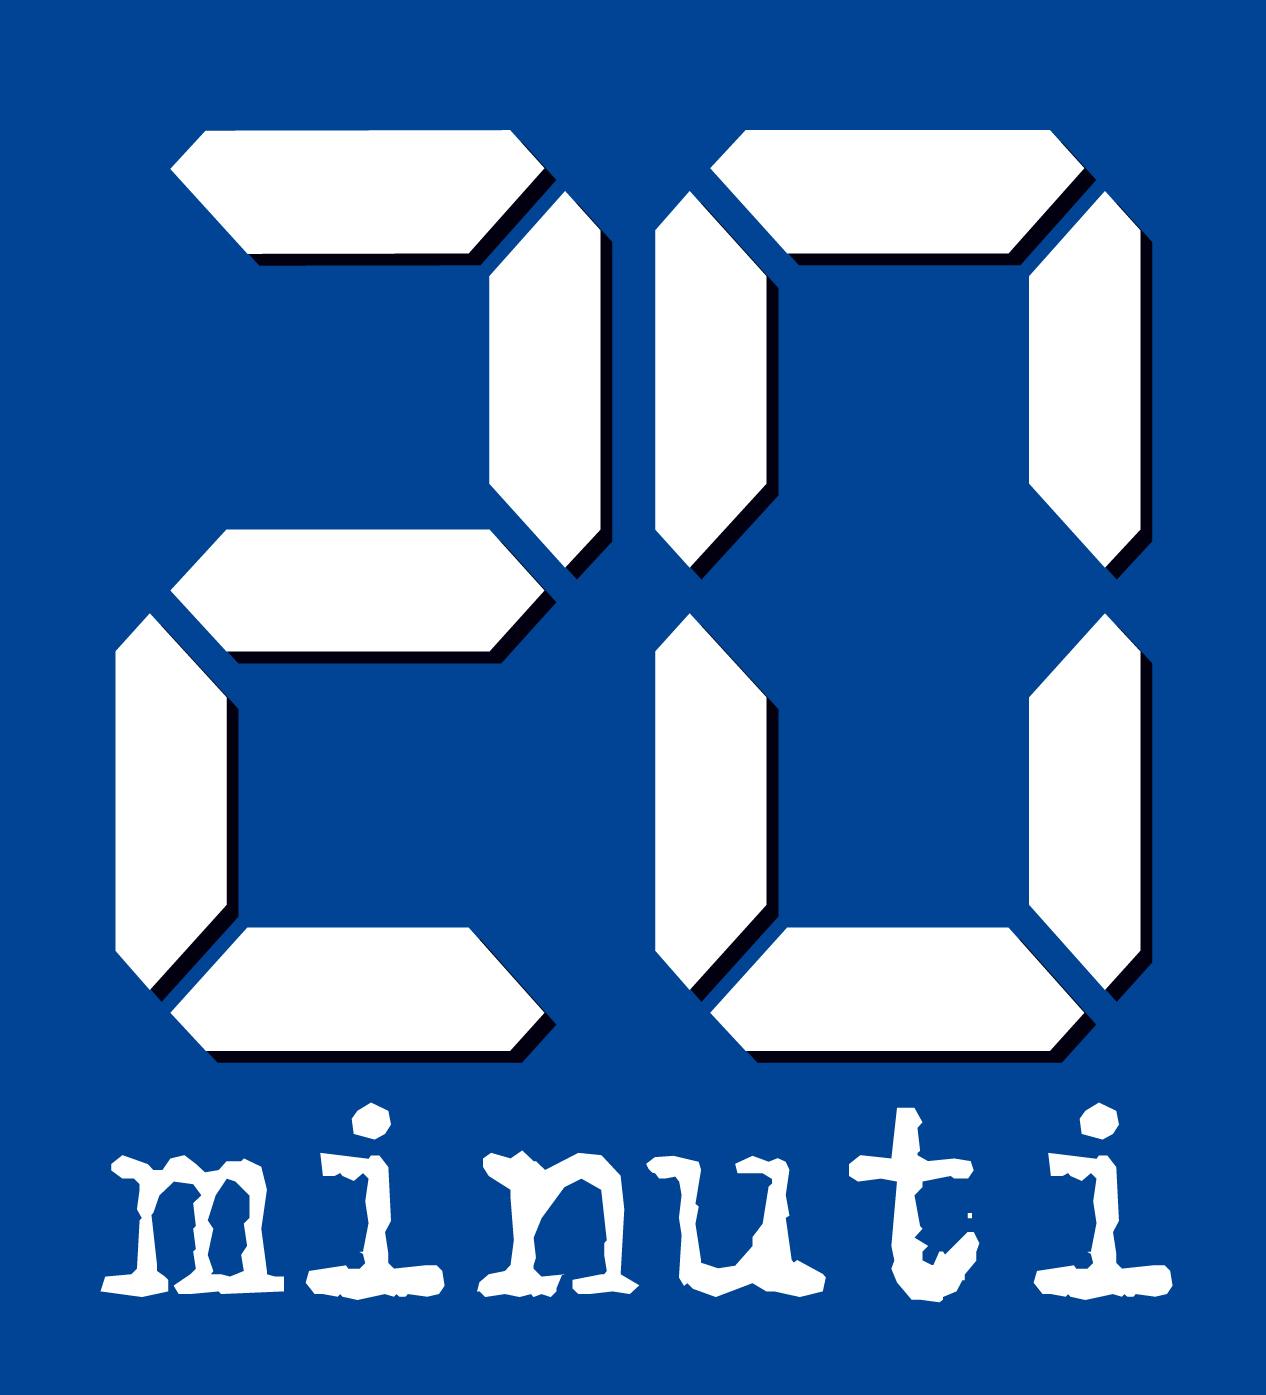 20 minuti